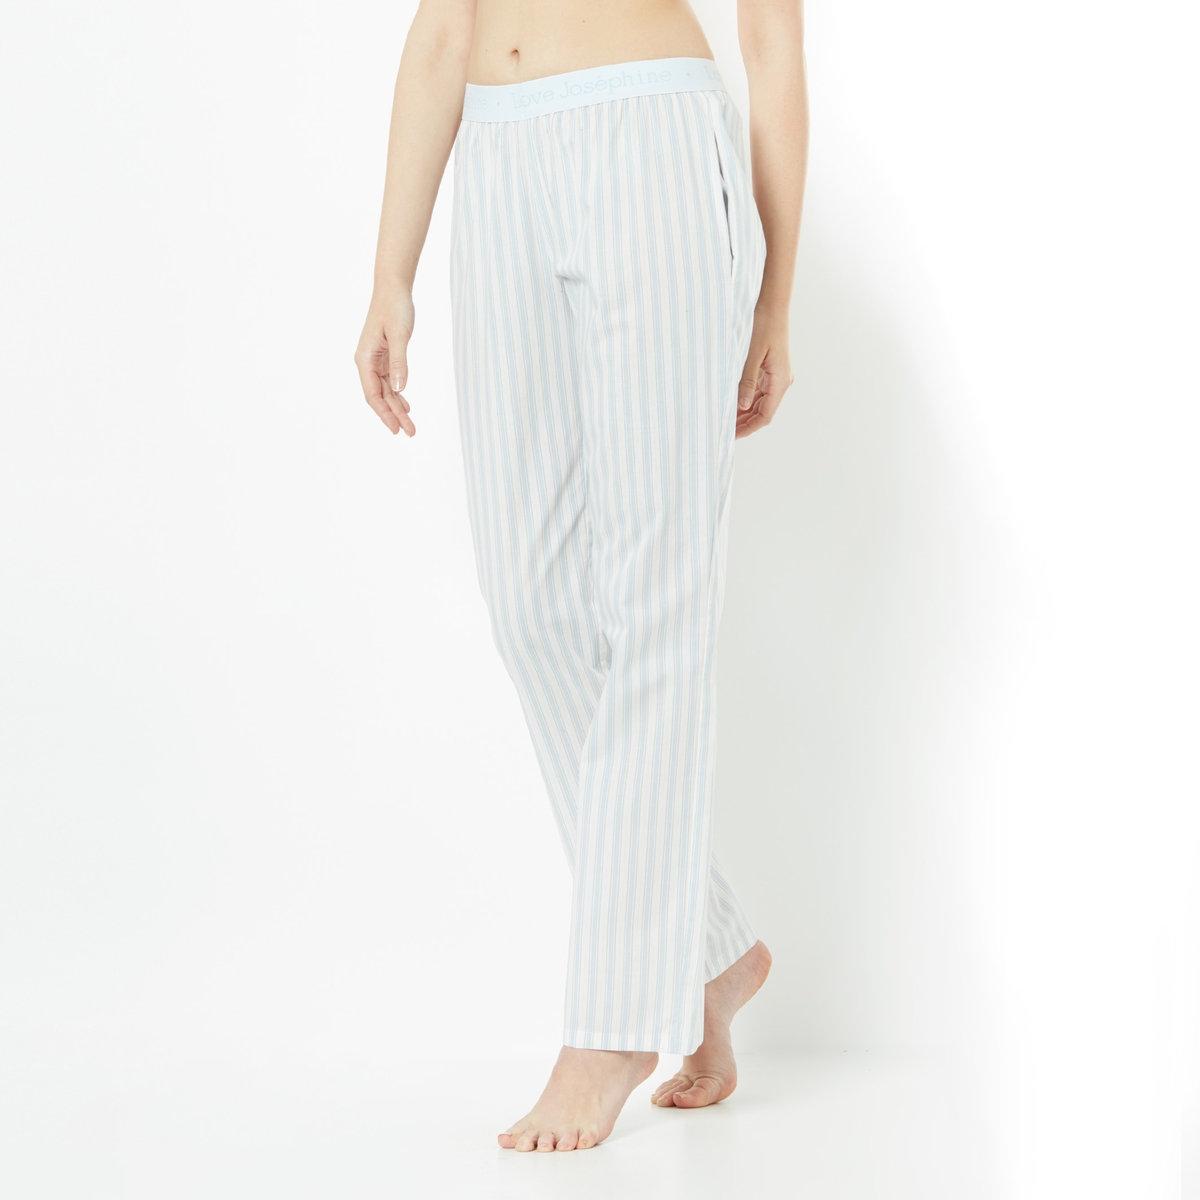 Брюки пижамныеНемного мужского стиля в женском гардеробе! Брюки, прямой покрой, 100% хлопок. Эластичный пояс. 2 кармана по бокам. Длина 76 см. Машинная стирка при 30°.<br><br>Цвет: белый в полоску